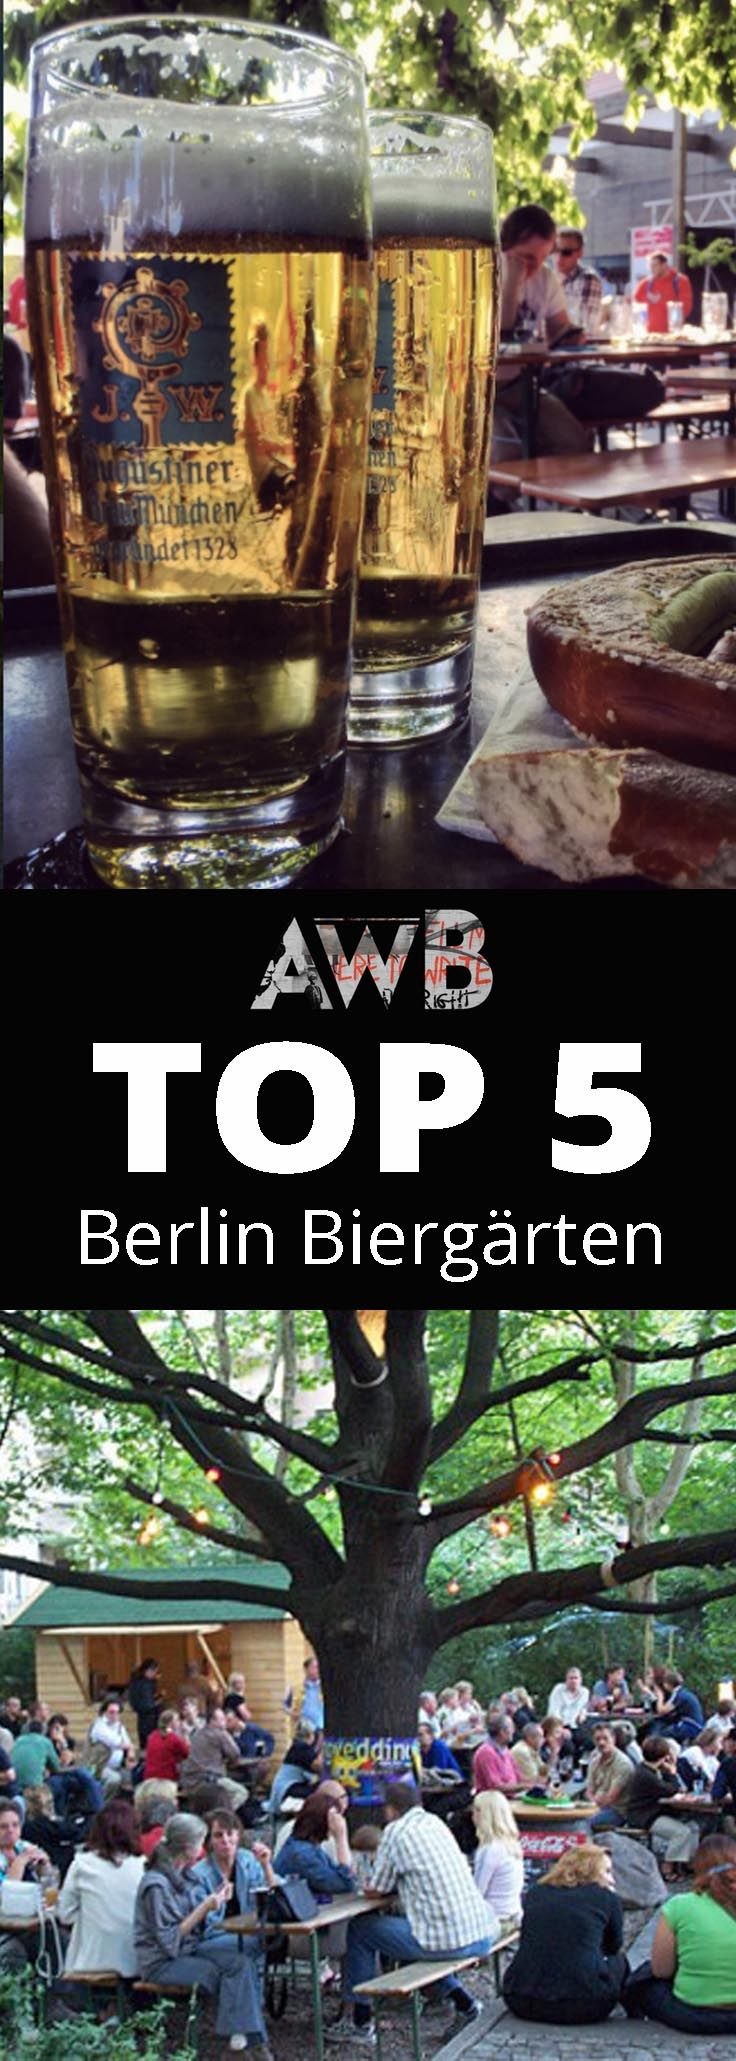 Top 5 Biergärten - Berlin best beer garden guide. Find out ...